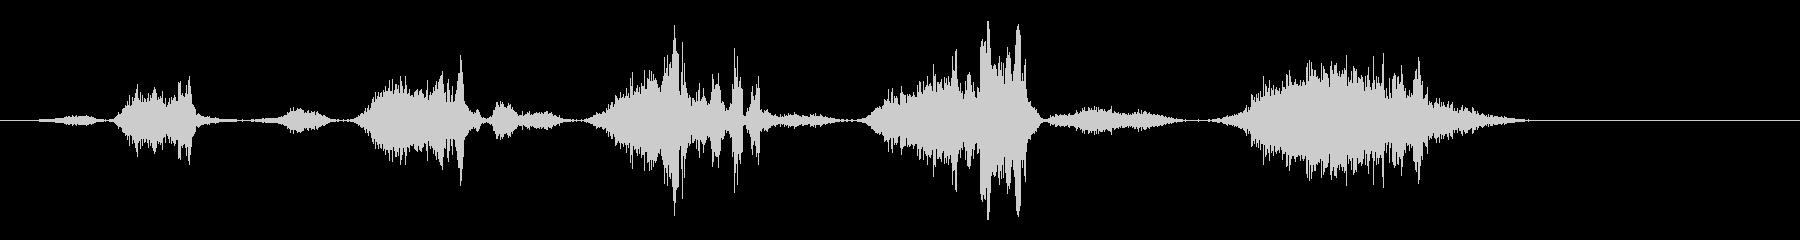 ファニーフライブレス-ヘビーウィズ...の未再生の波形